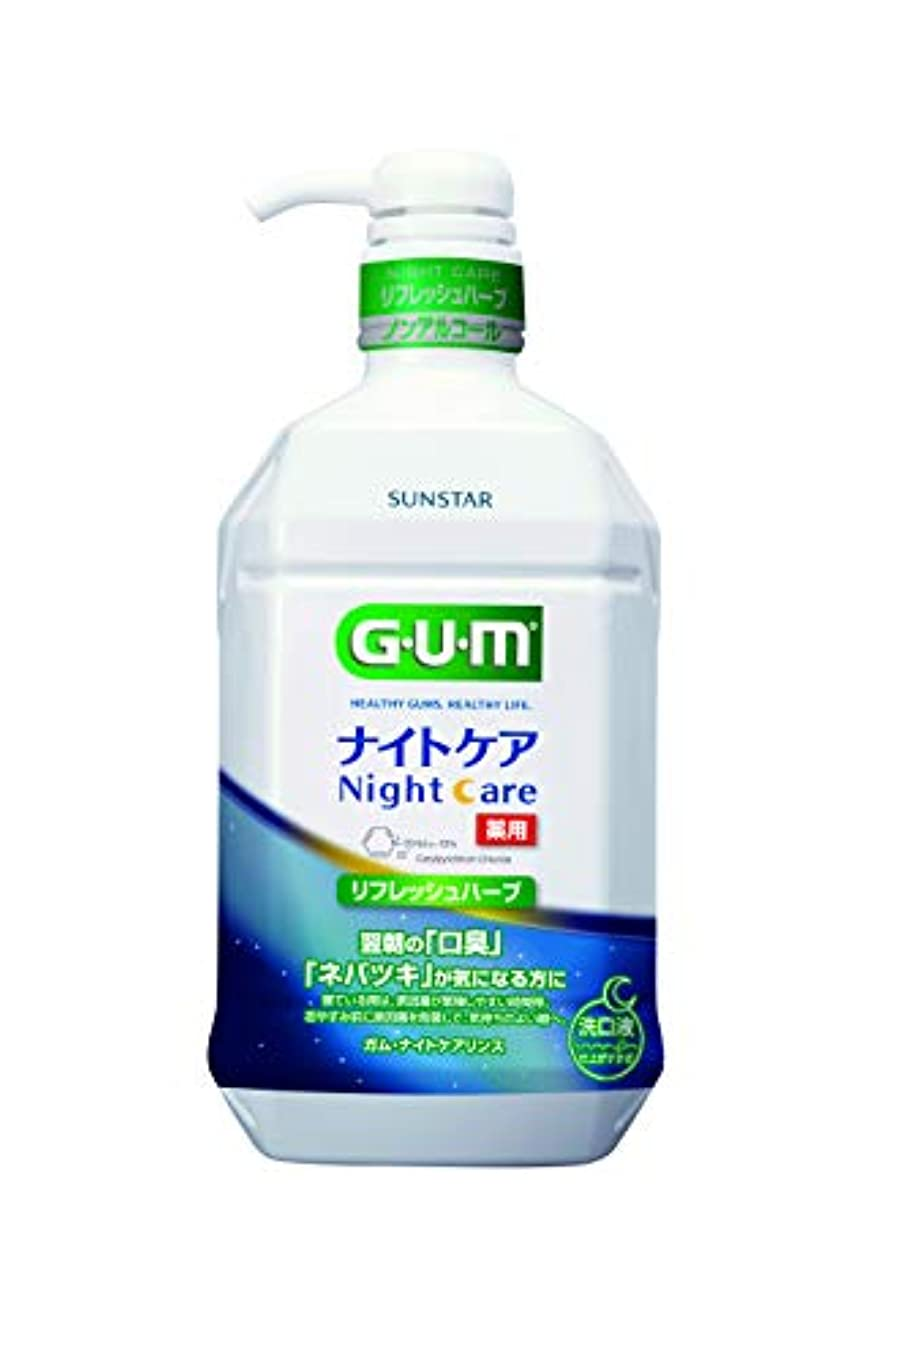 セクタ明らかにするフルーツ野菜(医薬部外品) GUM(ガム) マウスウォッシュ ナイトケア 薬用洗口液(リフレッシュハーブタイプ)900mL